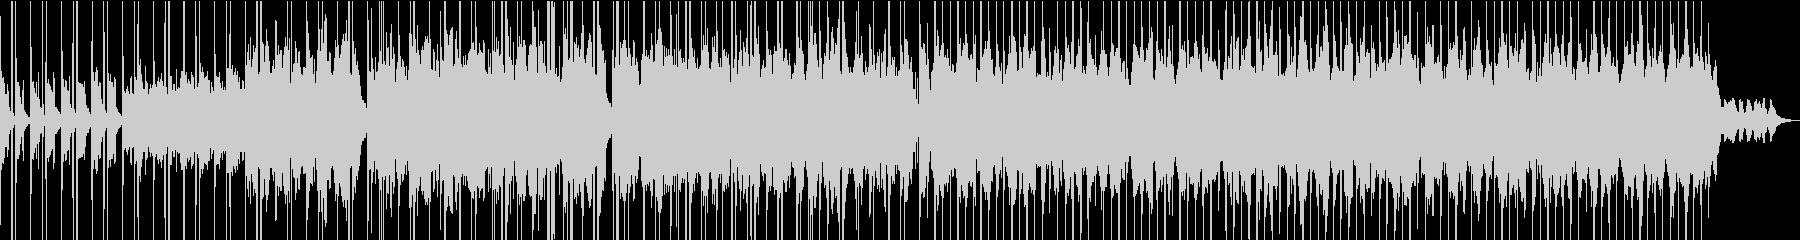 ミドルテンポのエレクトロニカ曲の未再生の波形